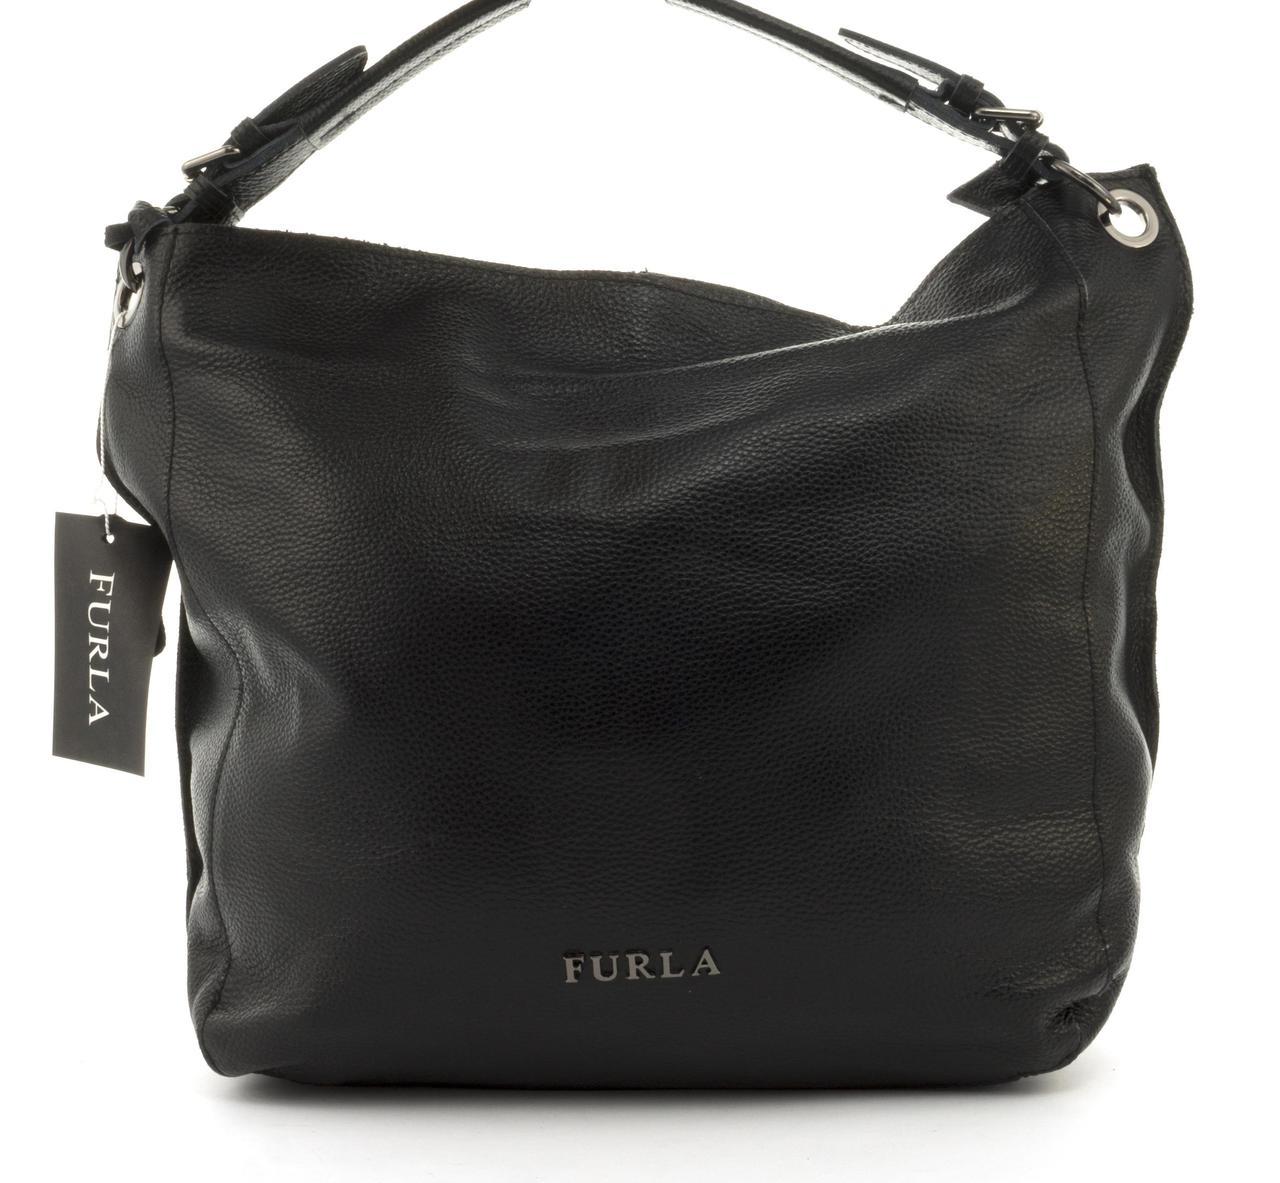 9ca631841e54 Стильная кожаная мешковидная женская сумка FURLA art. 9005 Турция черная